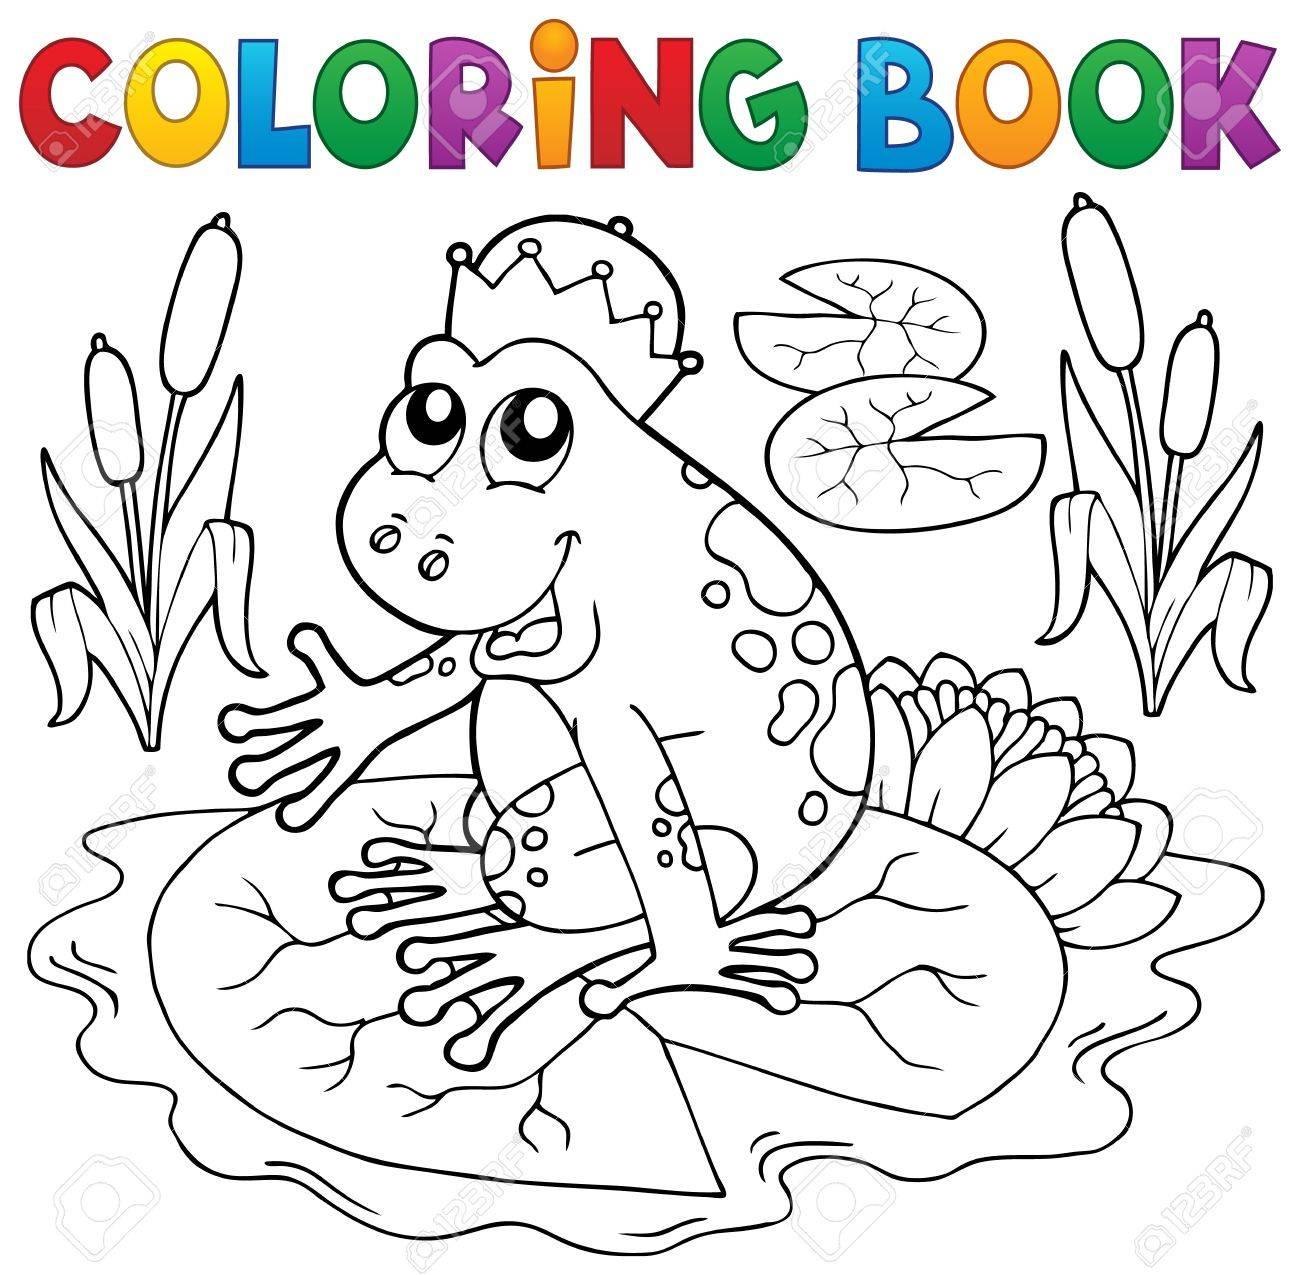 Cuento De Hadas Para Colorear Libro De La Rana - Ilustración ...